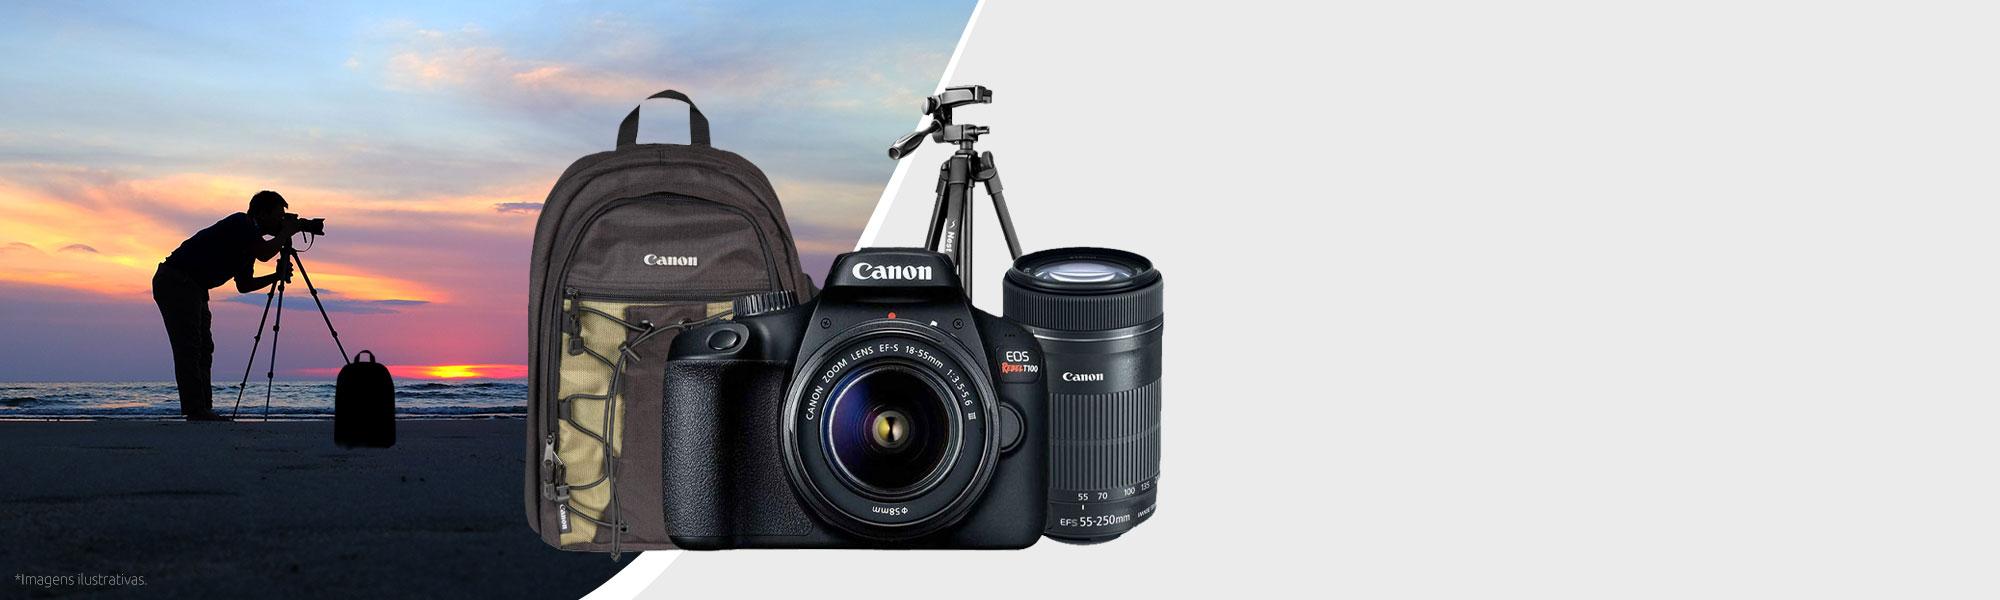 Combo Câmera EOS T100 Premium com Tripé e Mochila